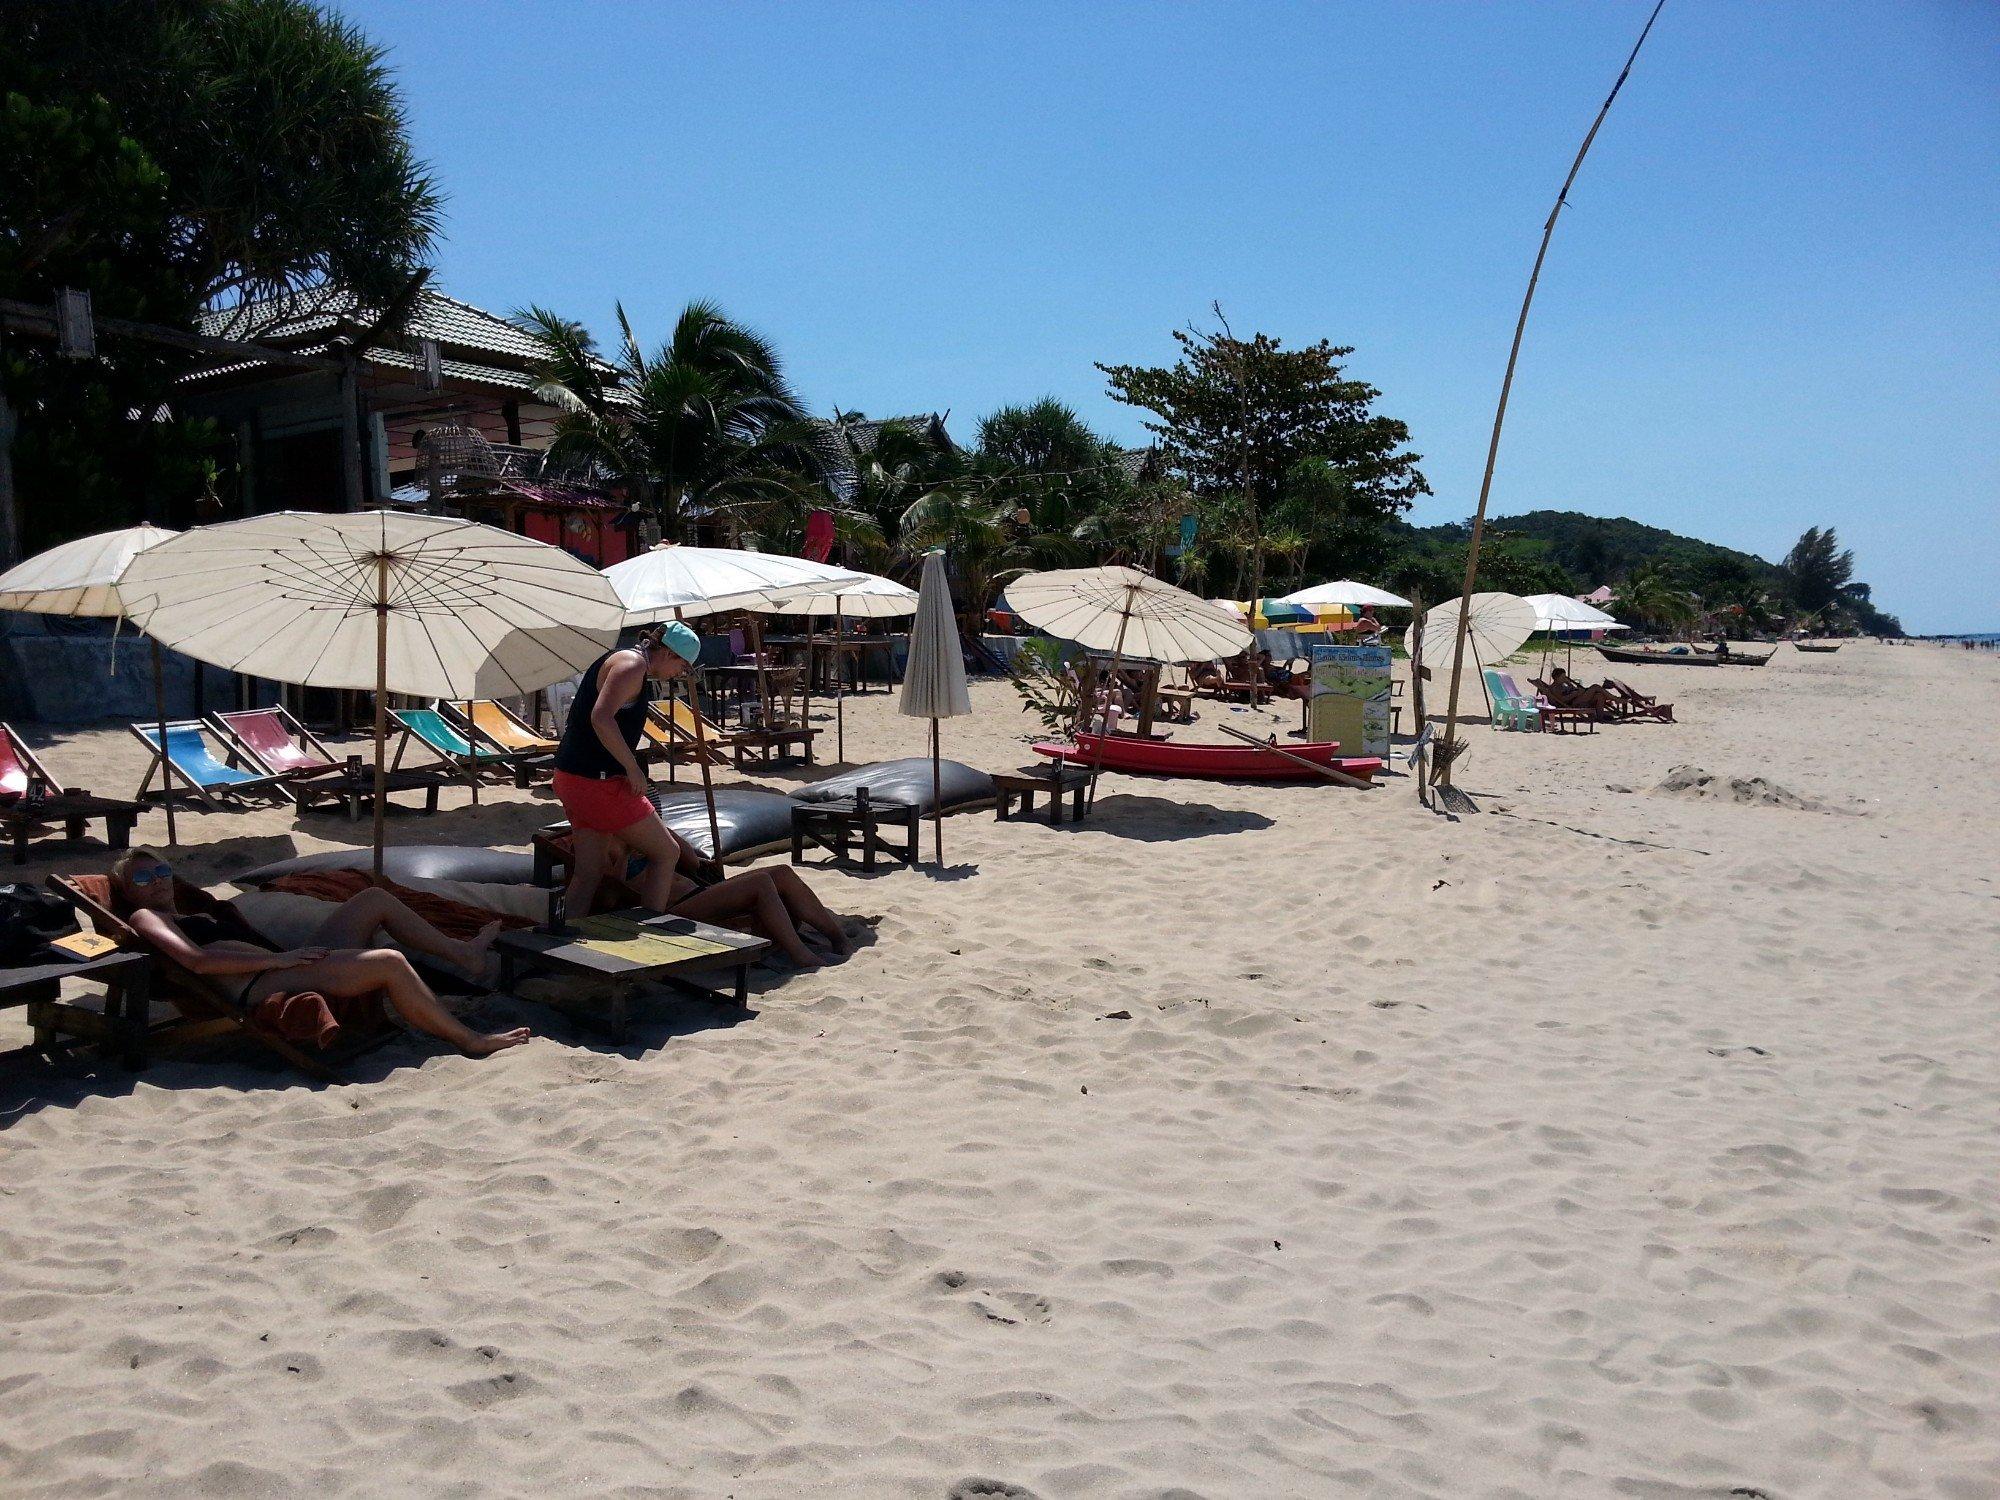 Sunloungers at the Horizon Bar on Klong Khong Beach